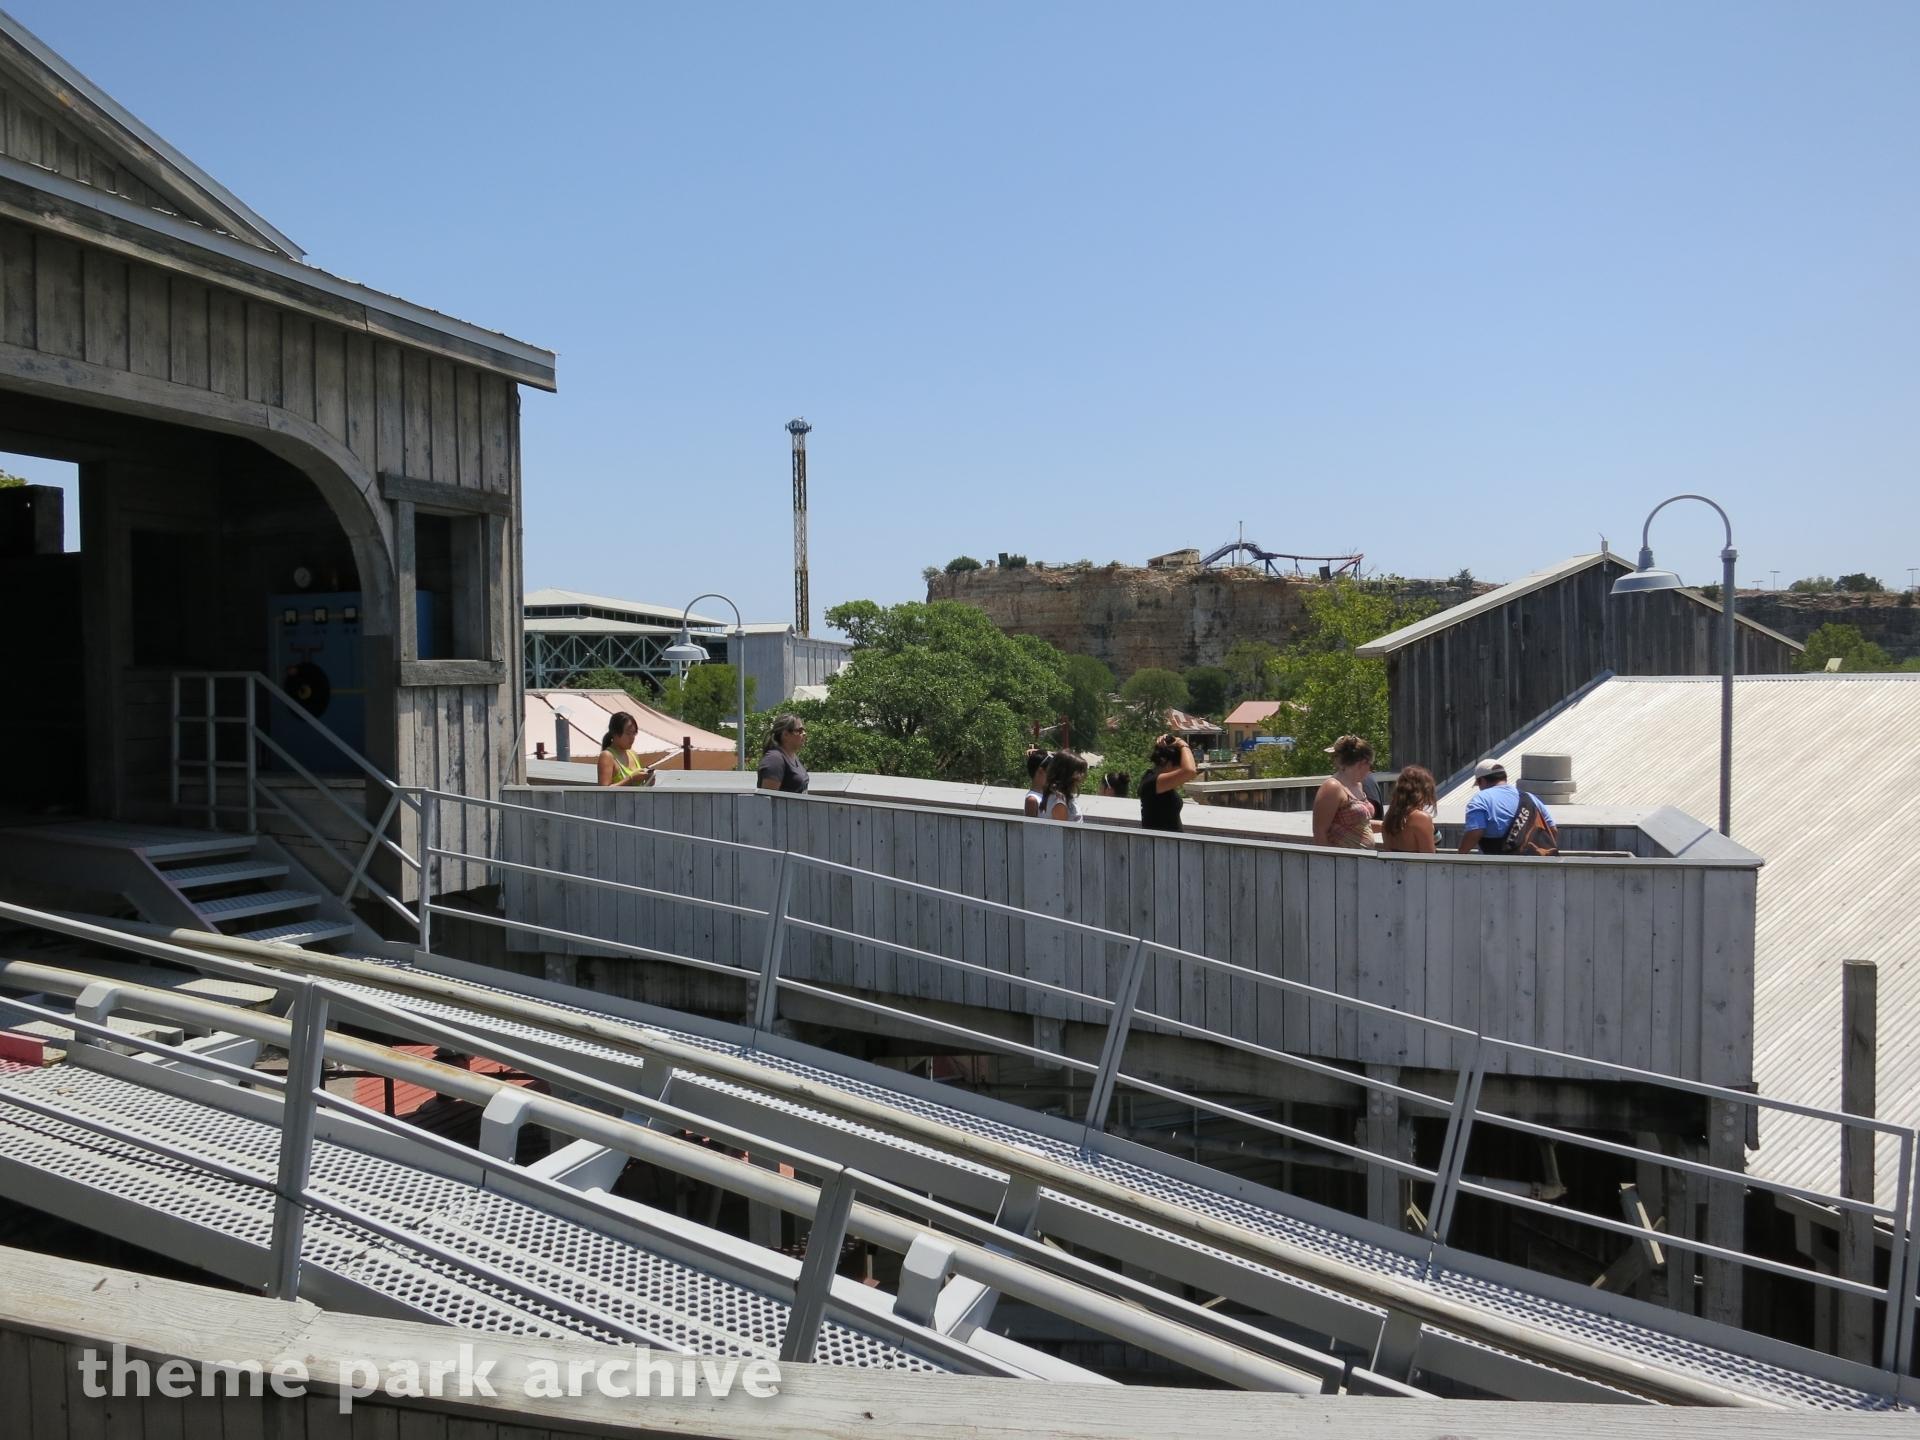 Road Runner Express at Six Flags Fiesta Texas